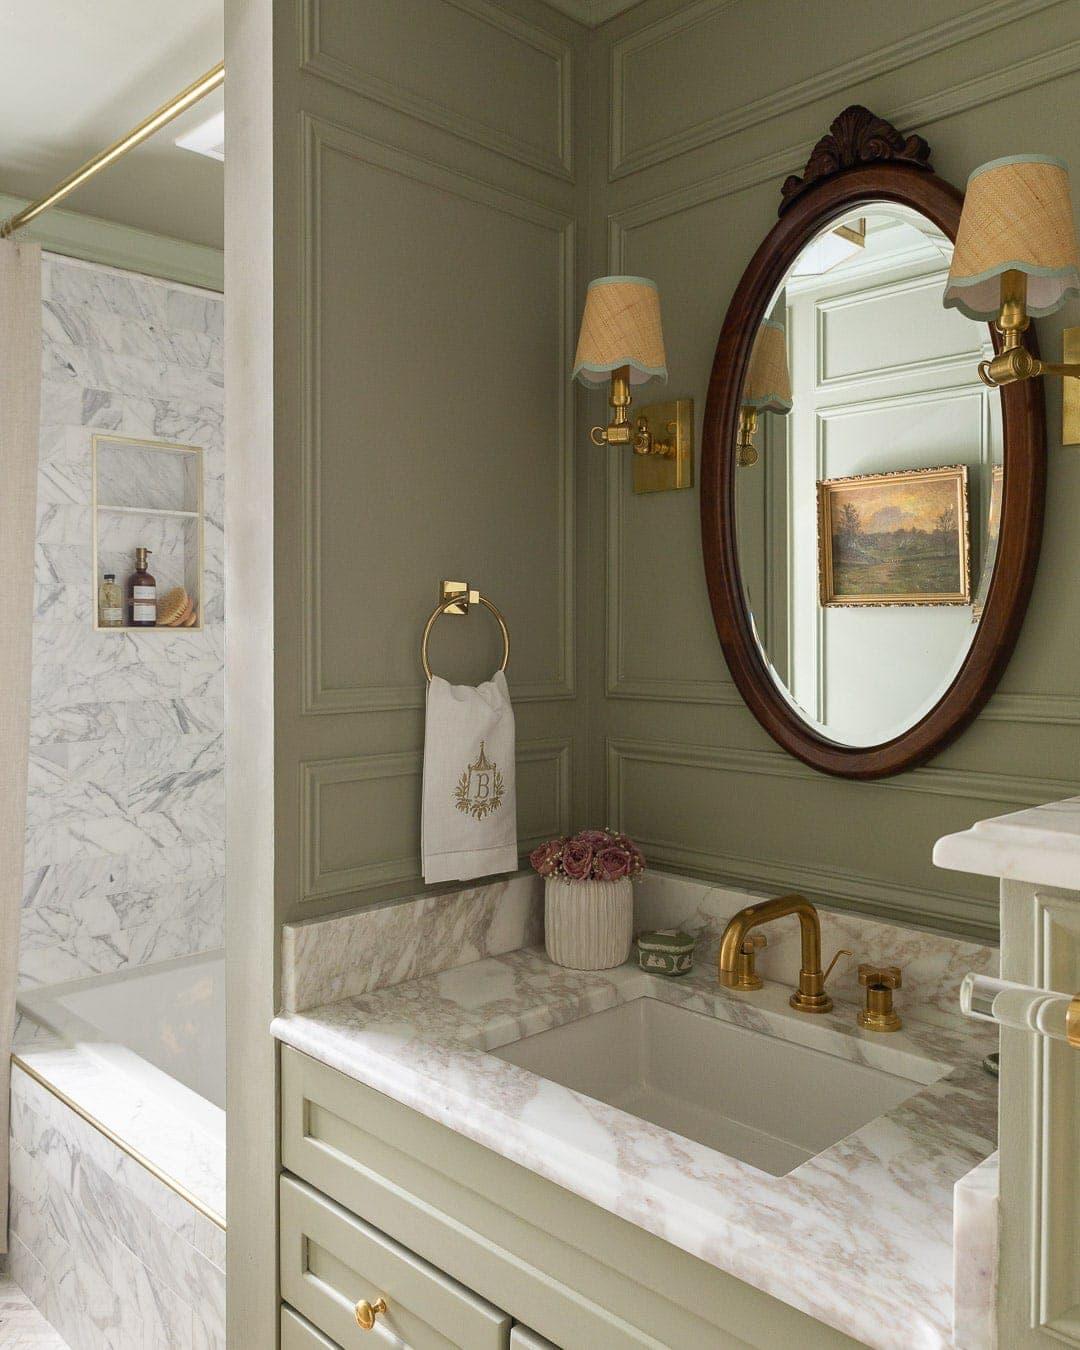 bathroom-renovation-makeover-before-after